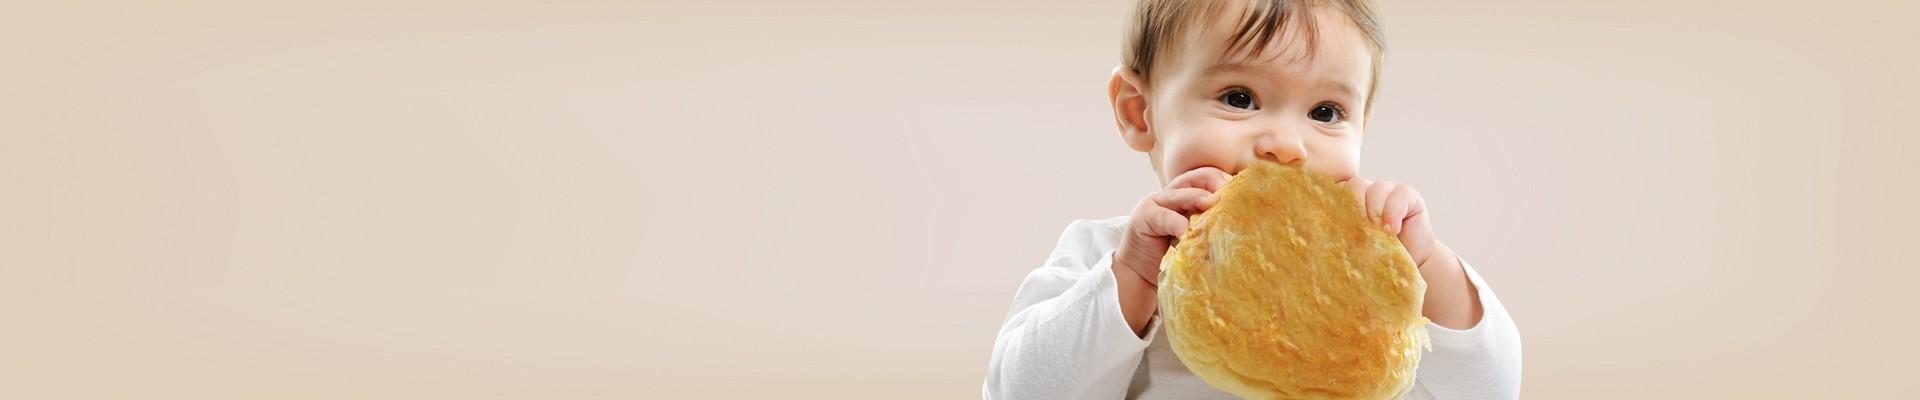 Jual MPASI - Produk Makanan & Susu Bayi Harga Terbaik